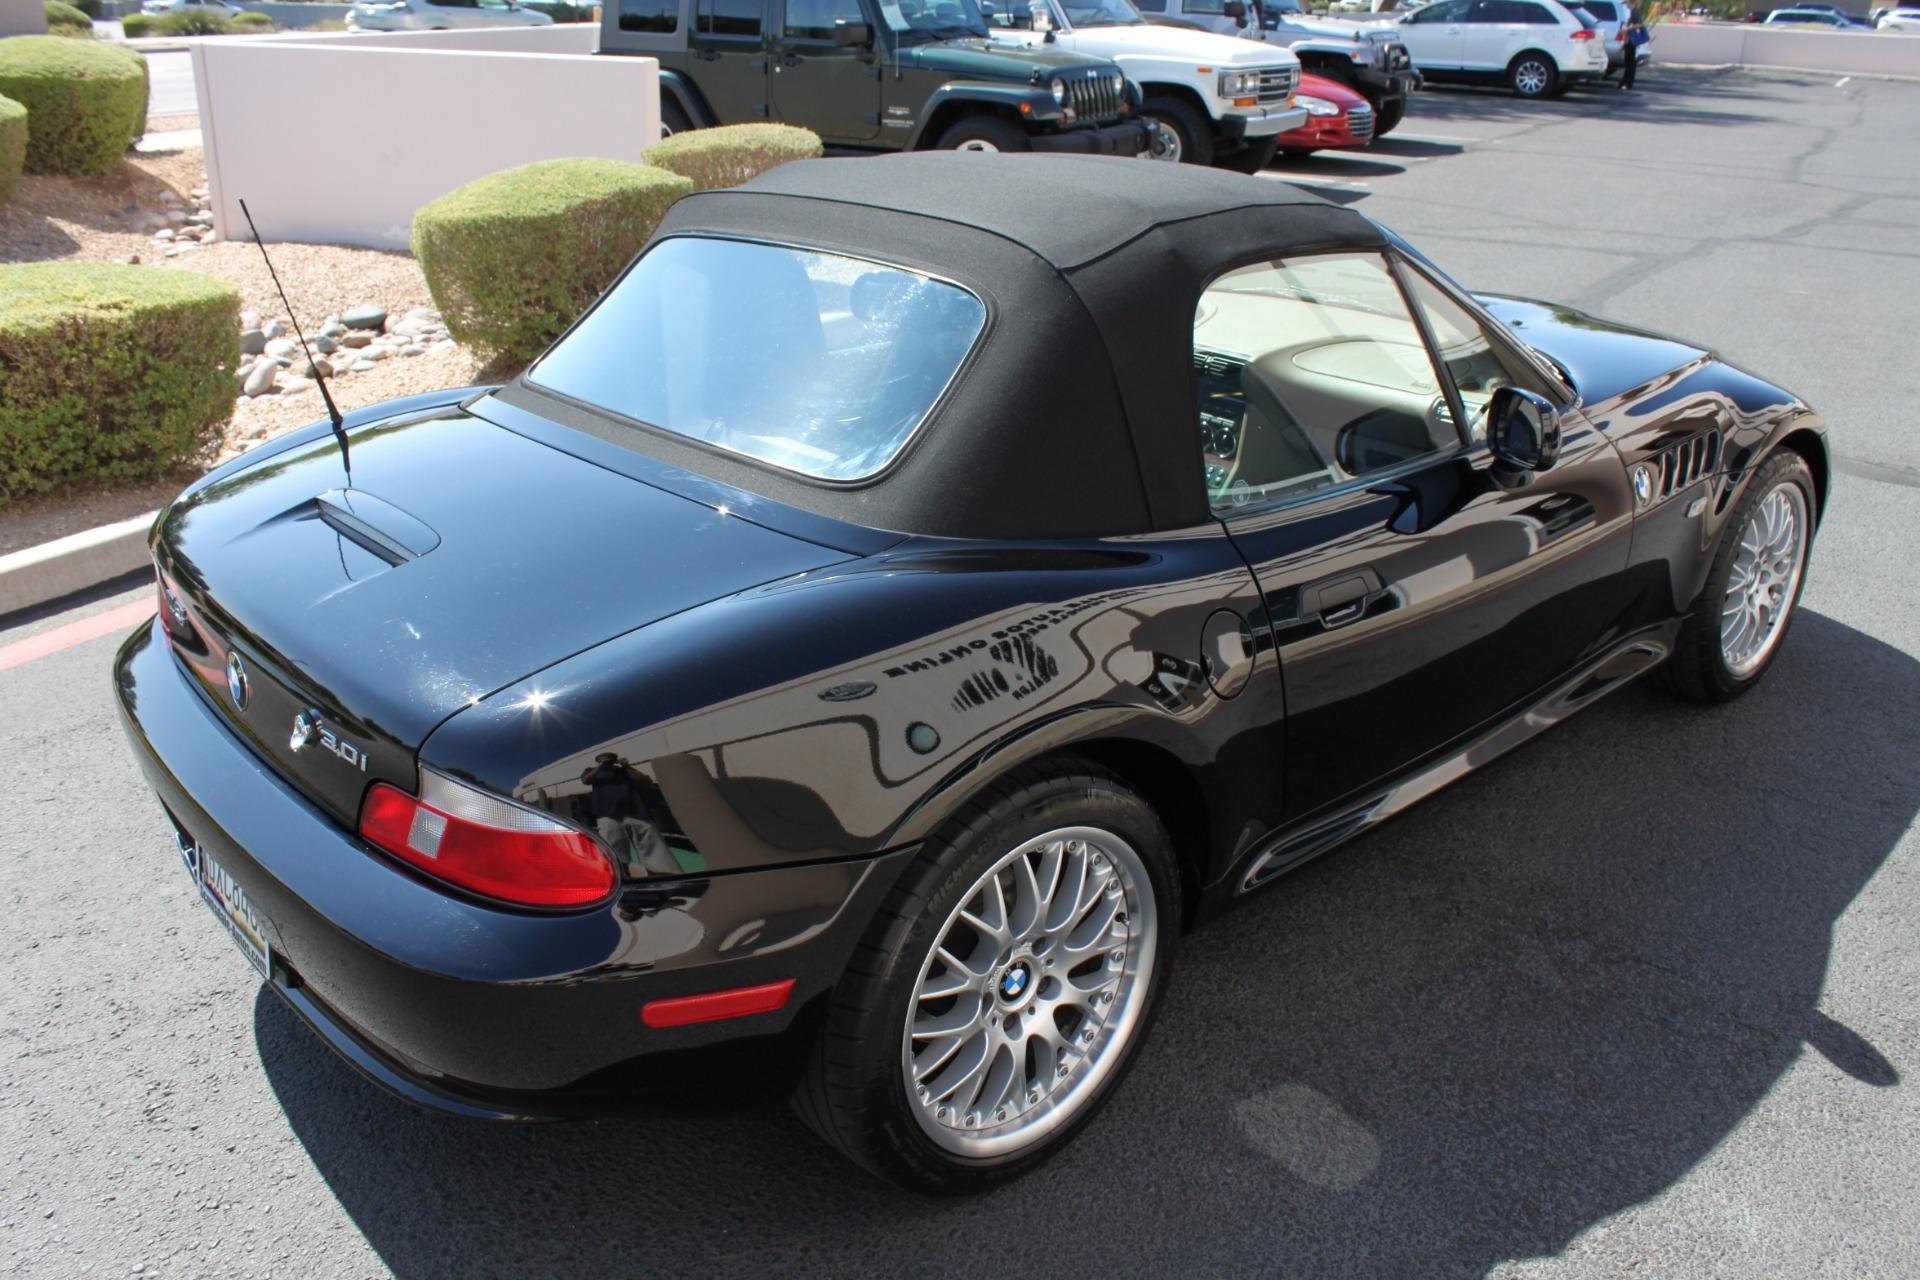 Used-2001-BMW-Z3-30i-Roadster-Classic